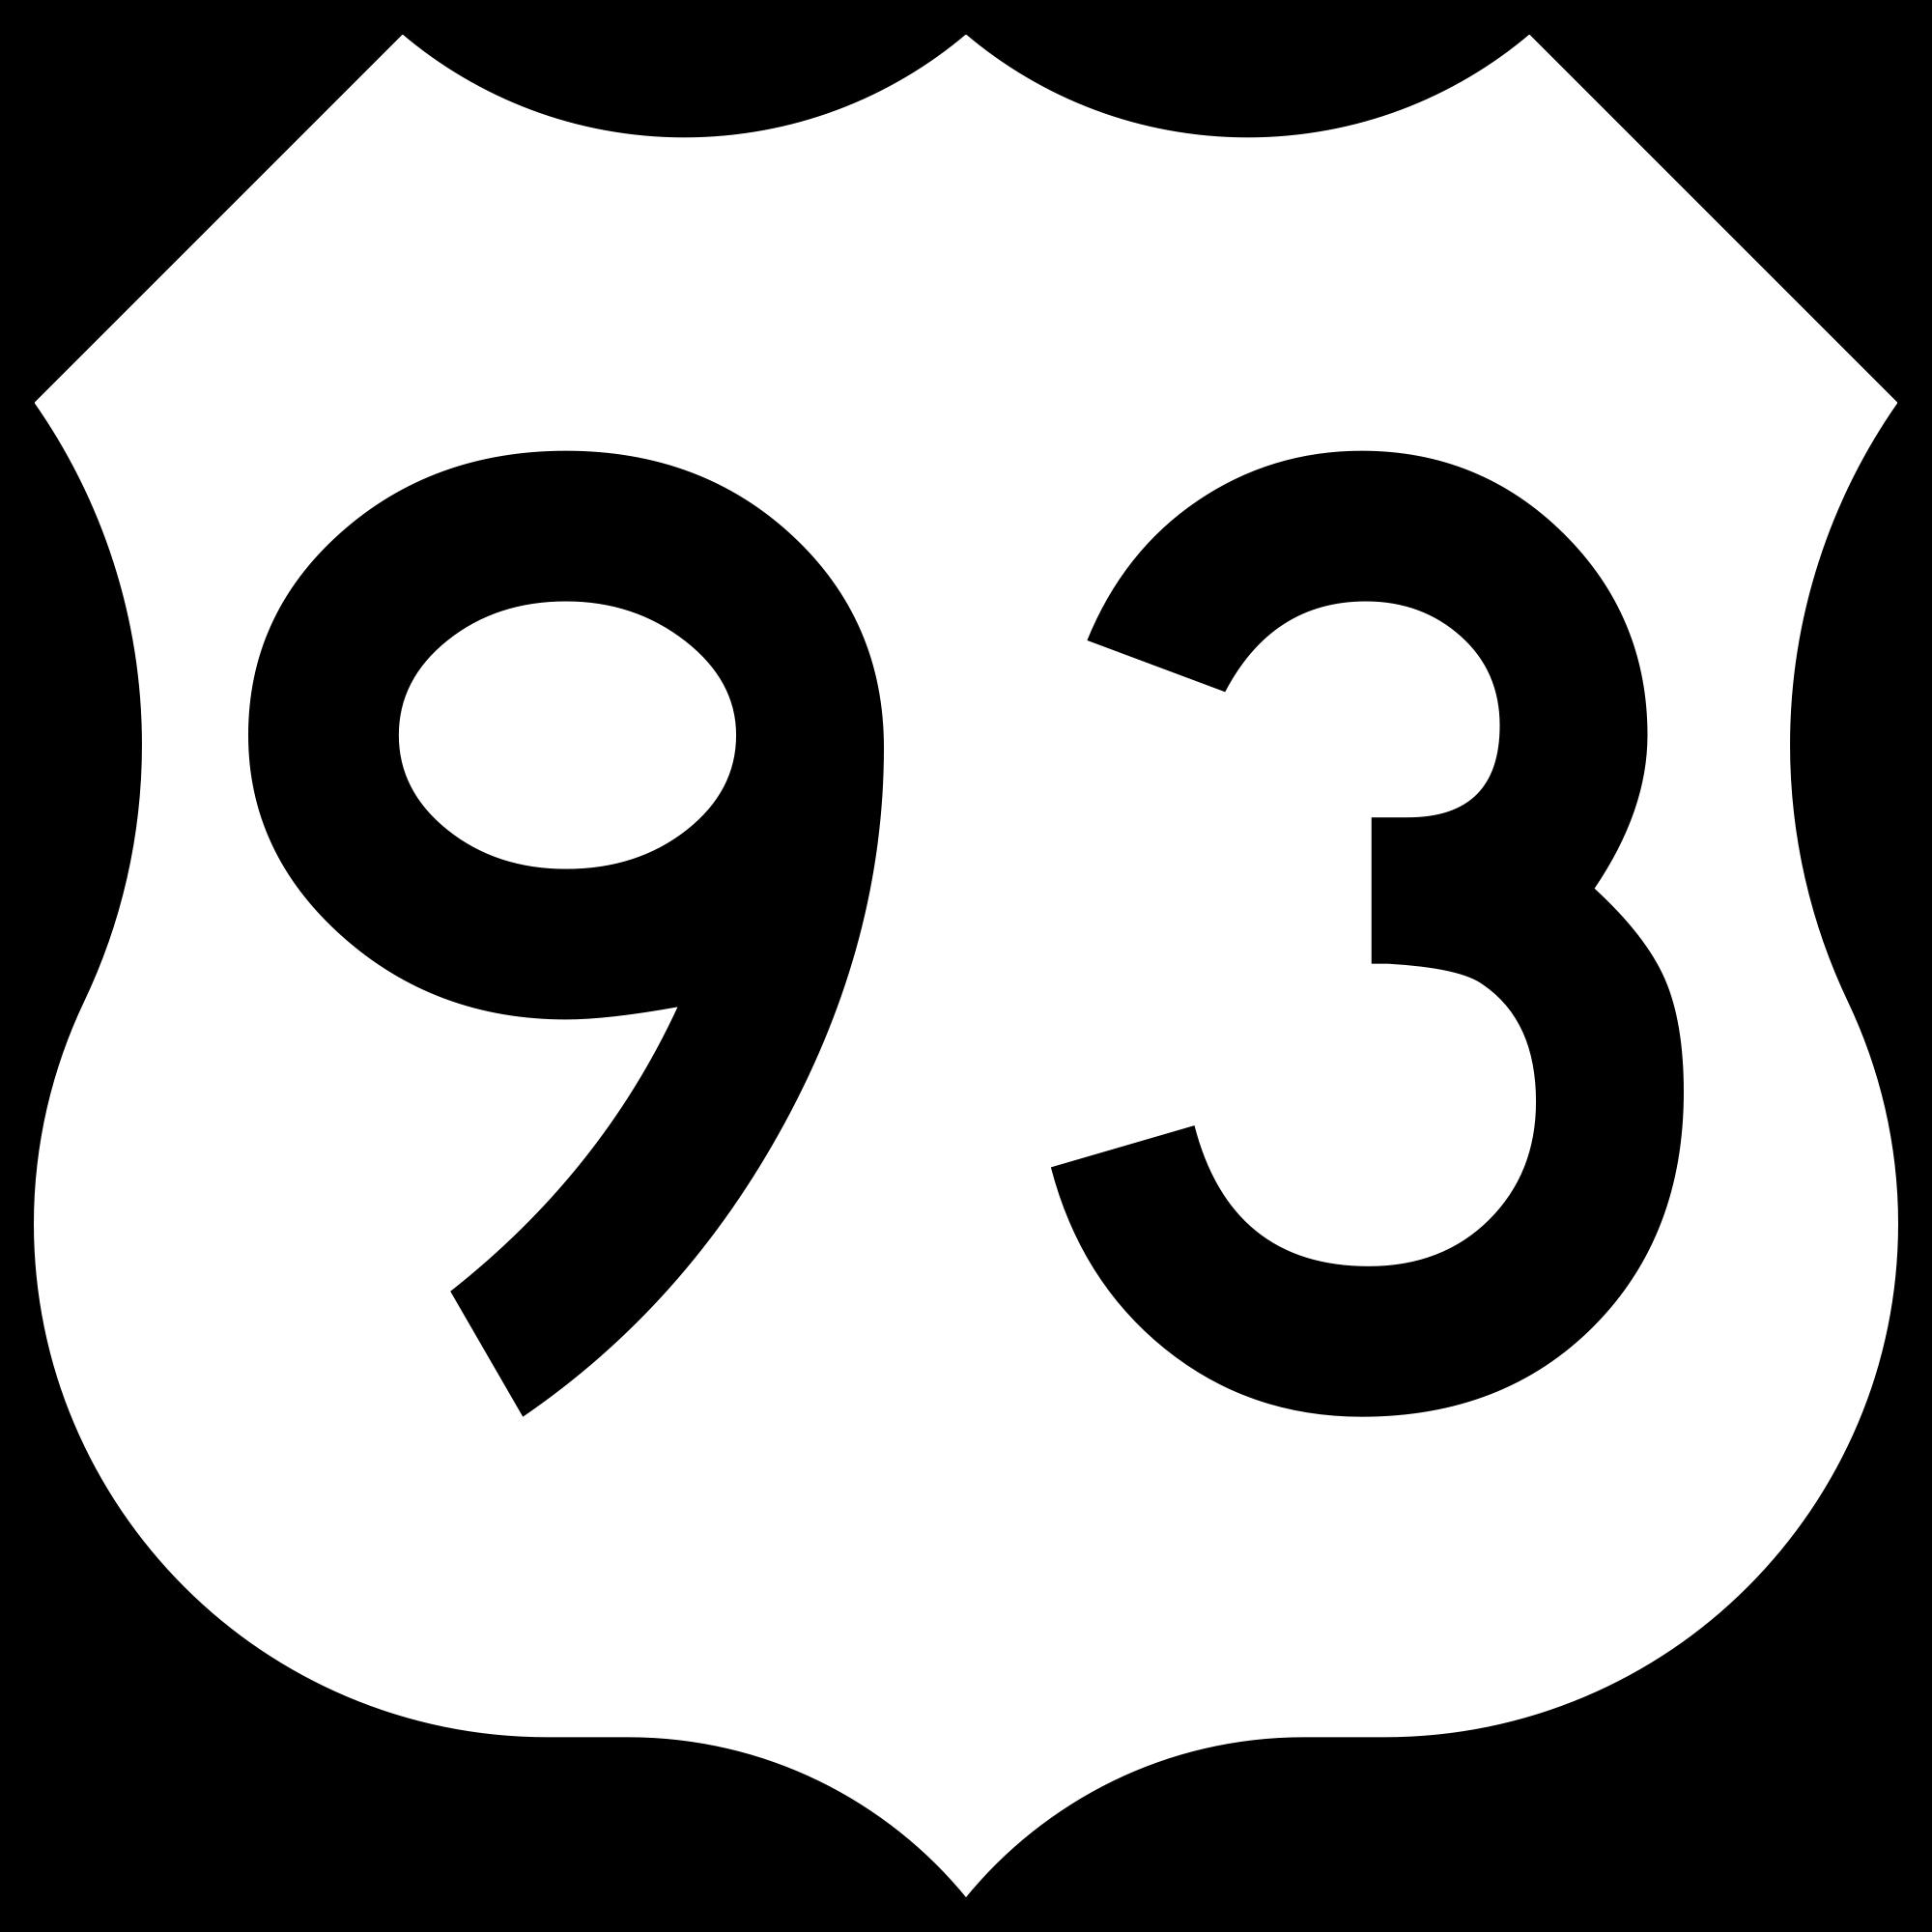 File:US 93.svg.